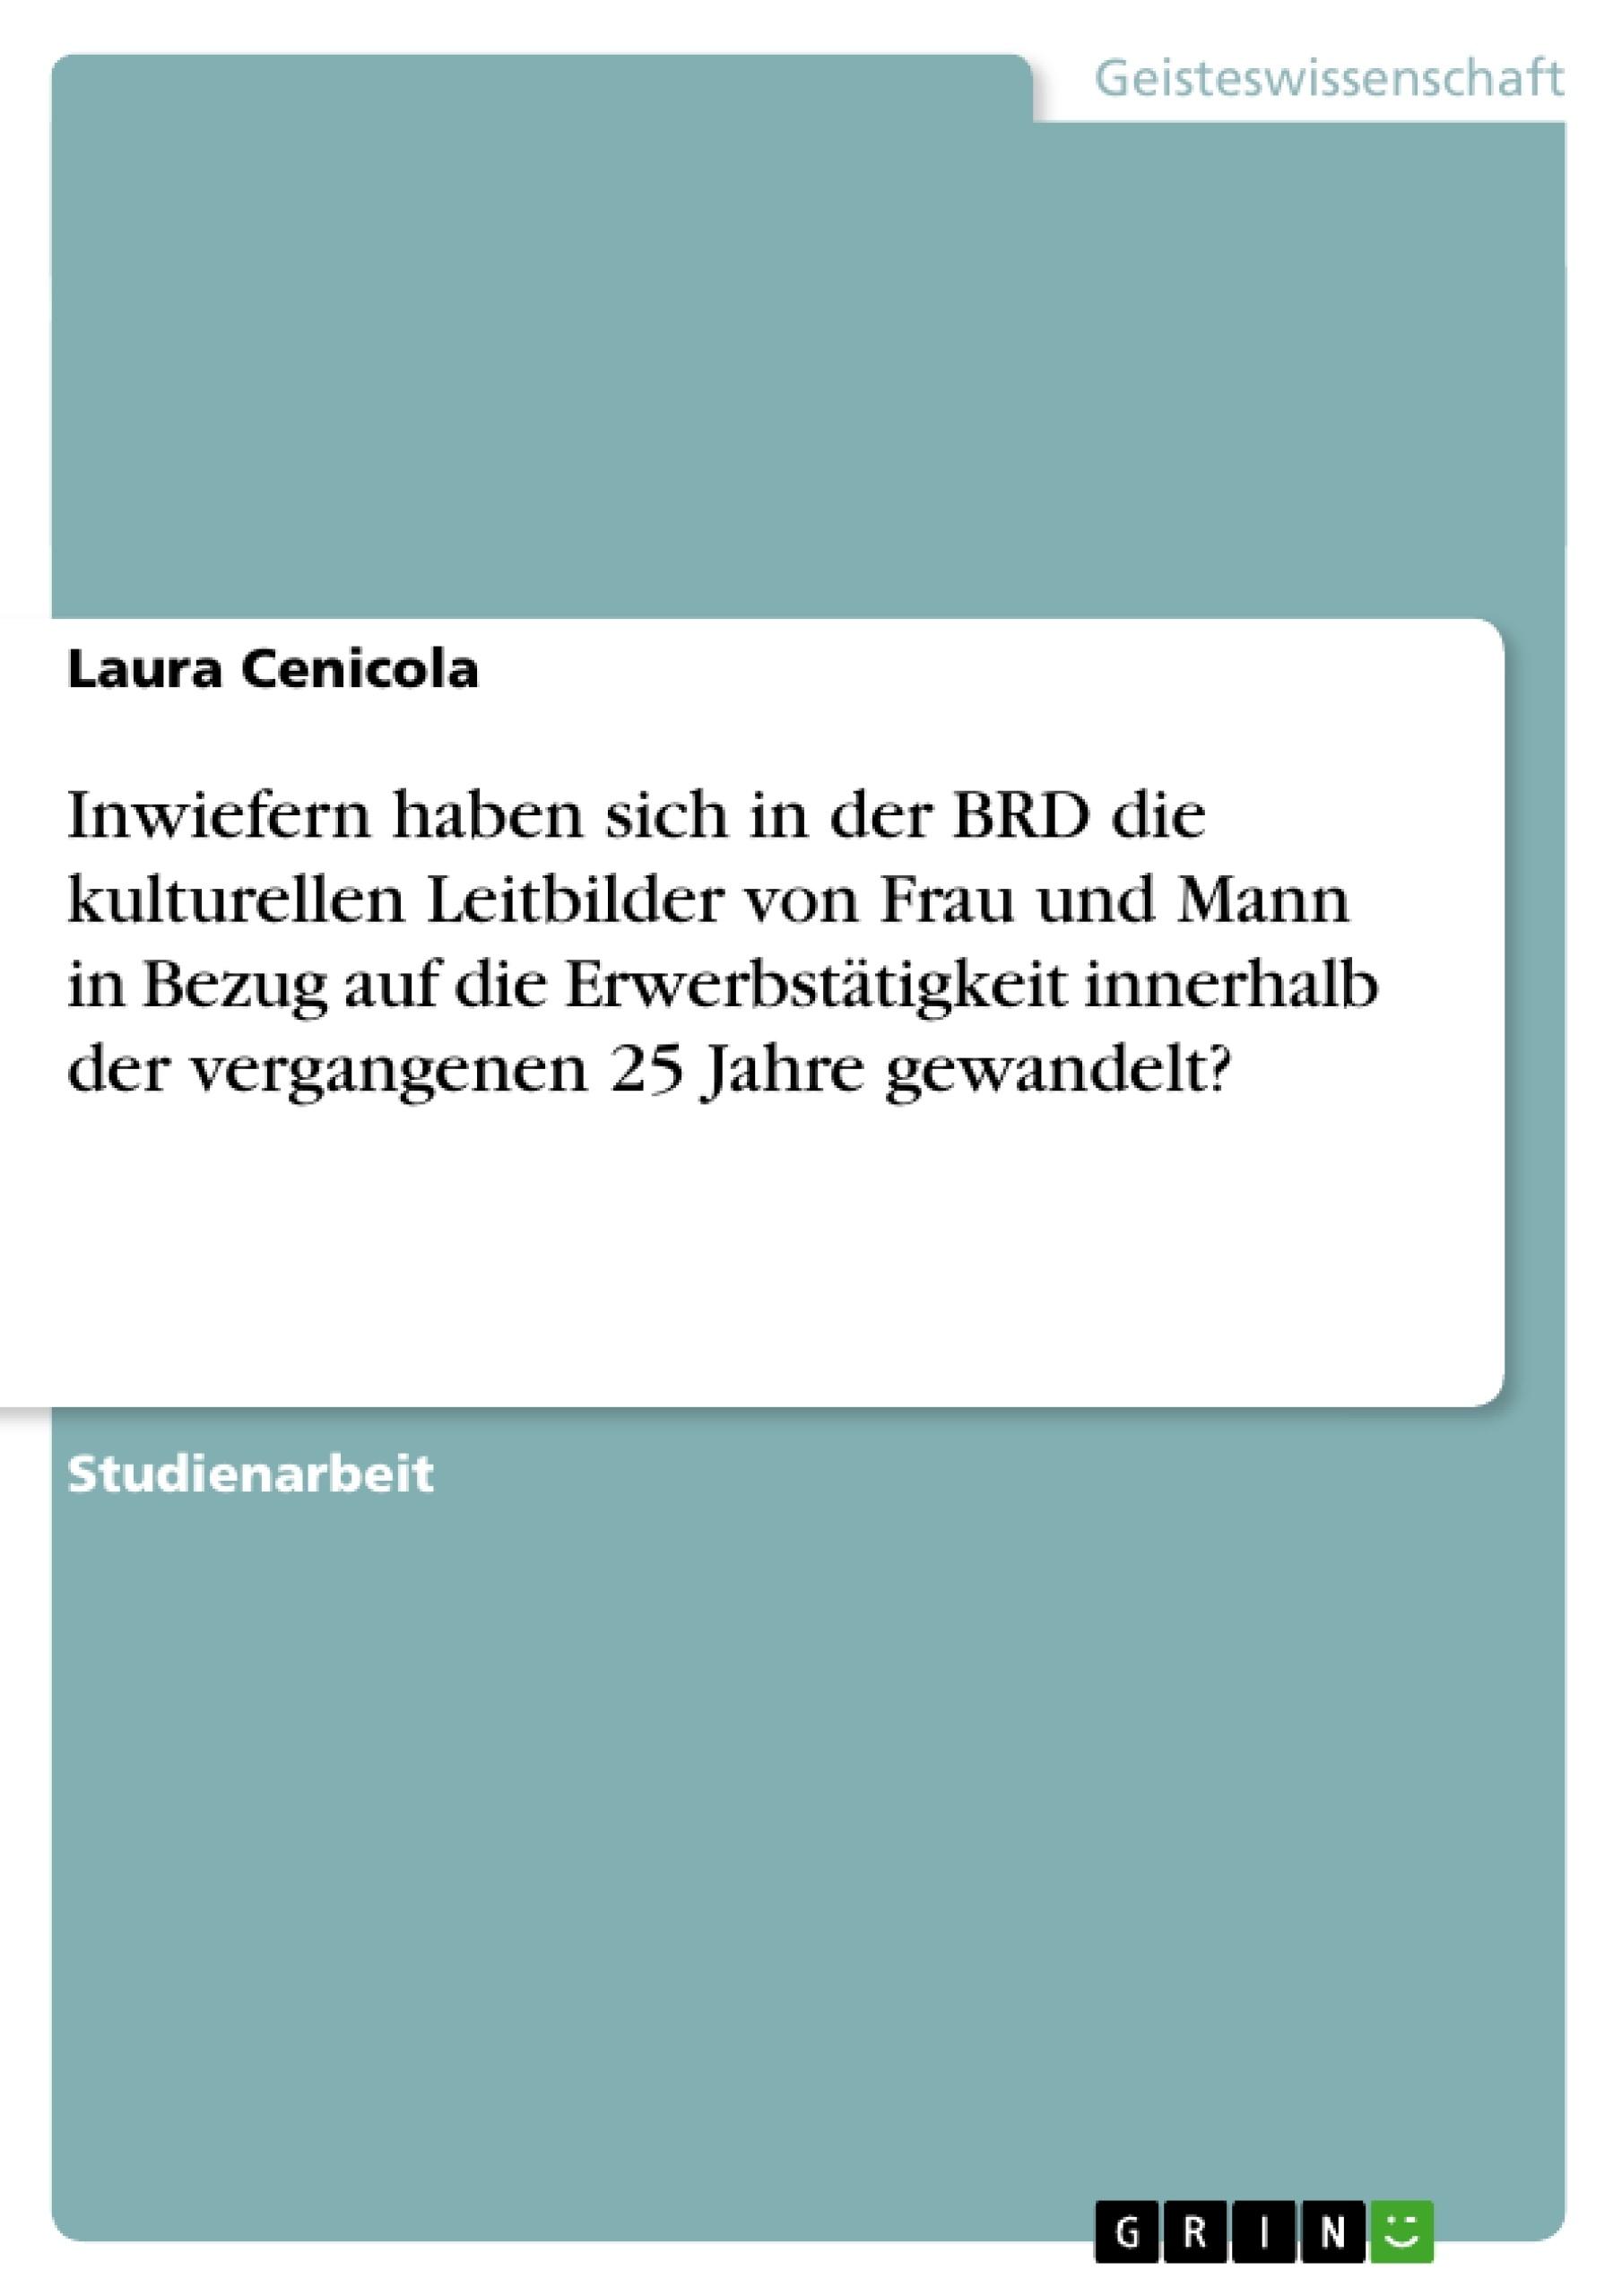 Titel: Inwiefern haben sich in der BRD die kulturellen Leitbilder von Frau und Mann in Bezug auf die Erwerbstätigkeit innerhalb der vergangenen 25 Jahre gewandelt?